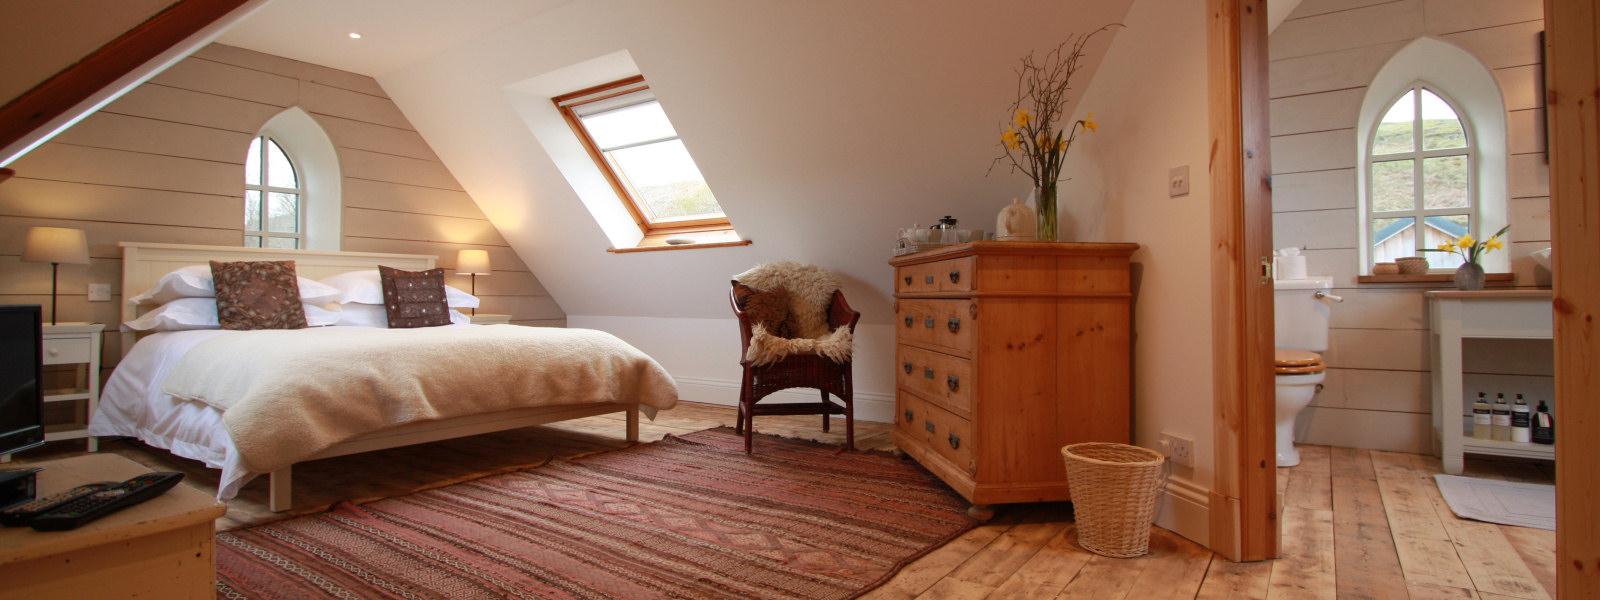 Image result for wood bedroom